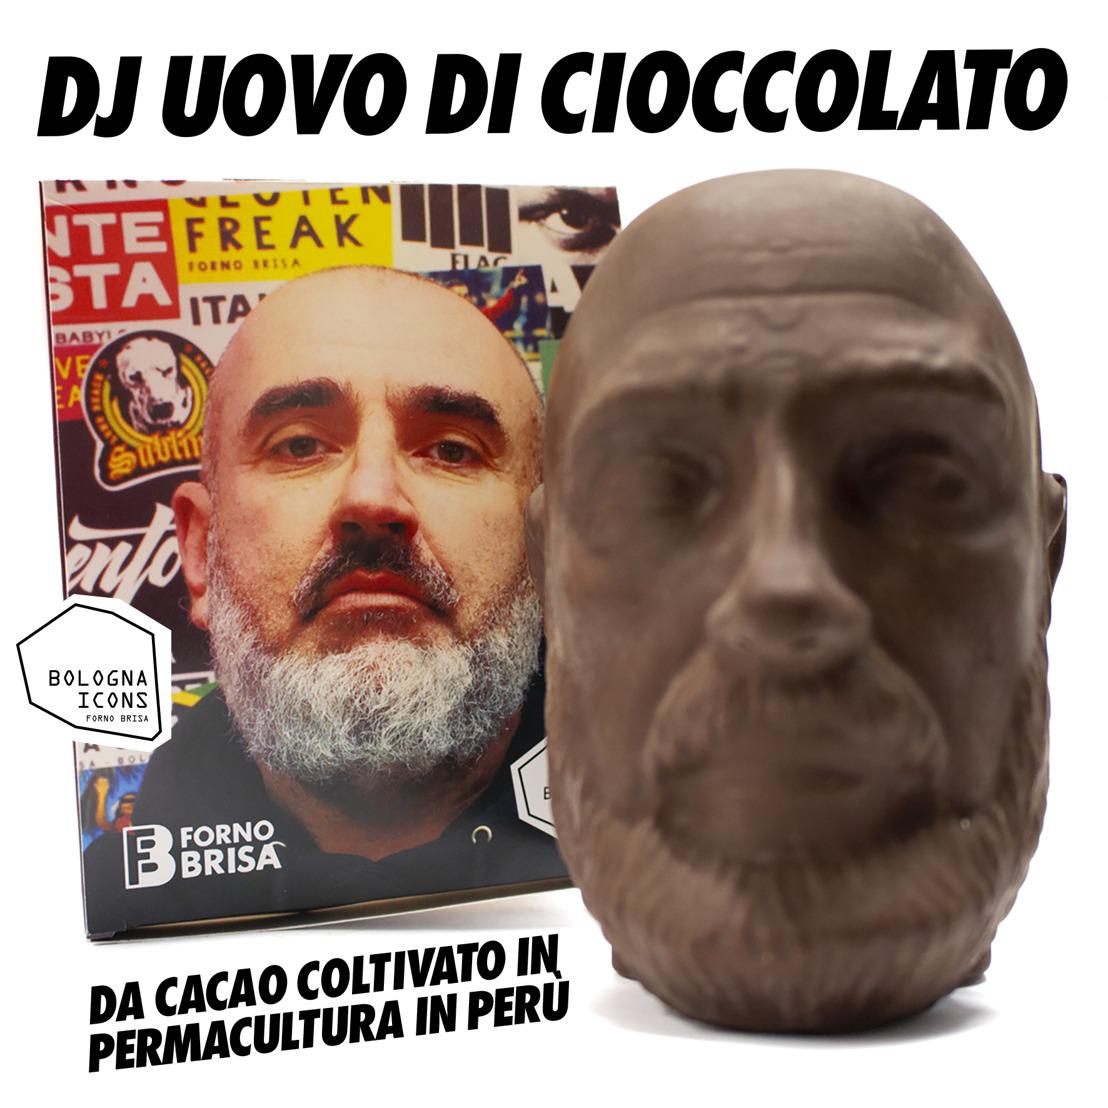 Forno Brisa dedica un uovo di cioccolato a DJ Uovo, icona della scena musicale bolognese